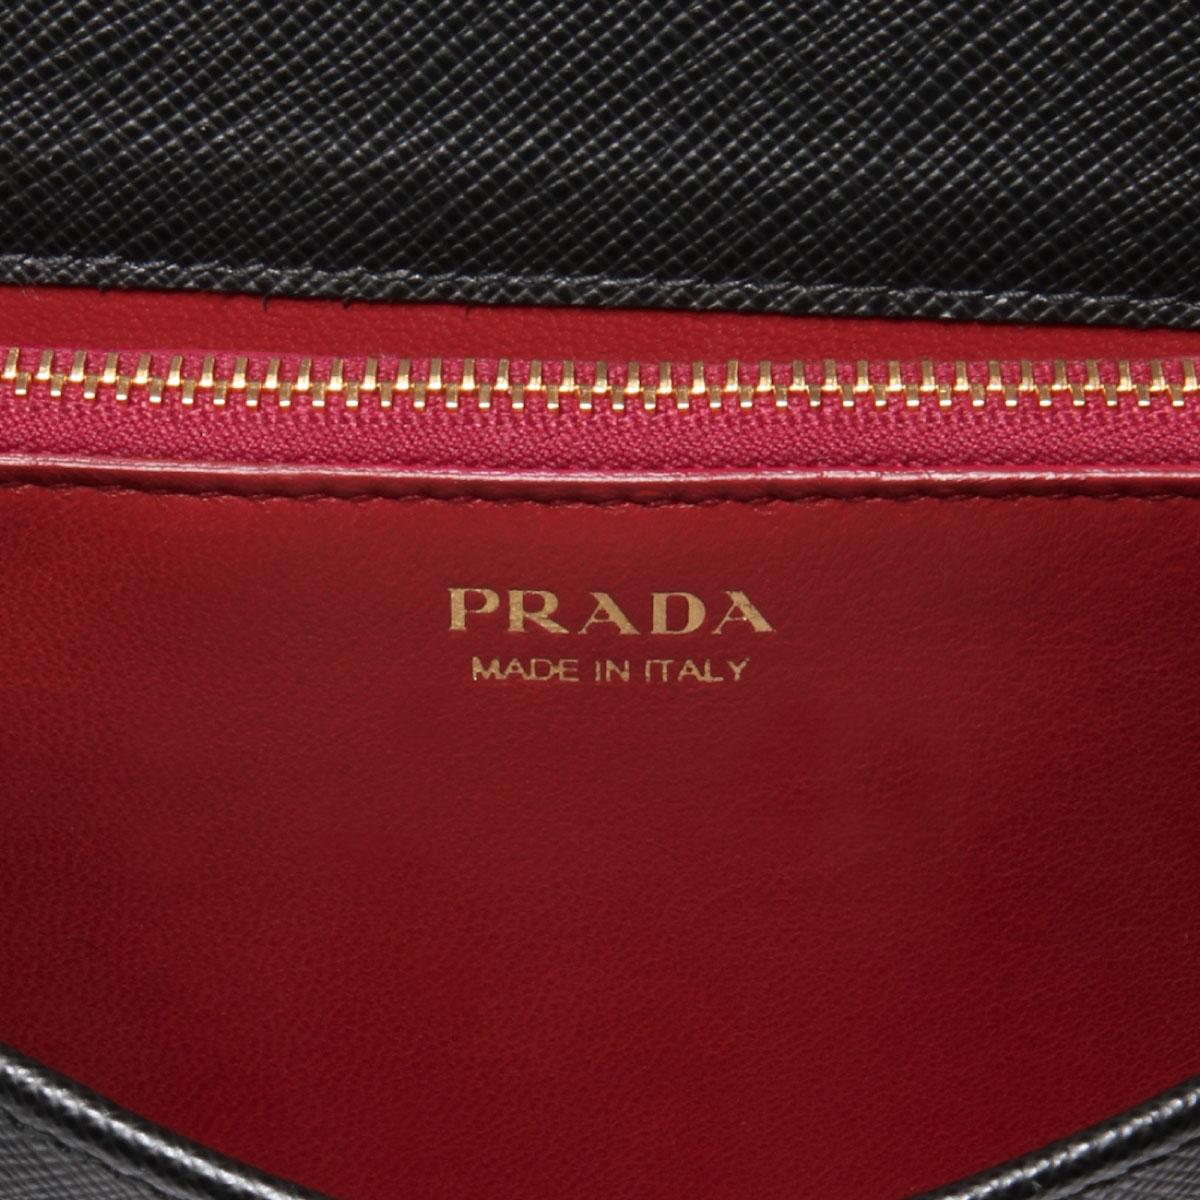 プラダ PRADA バッグ レディース 1BP006 NZV F0002 ショルダー付 クラッチバッグ NERO ブラック